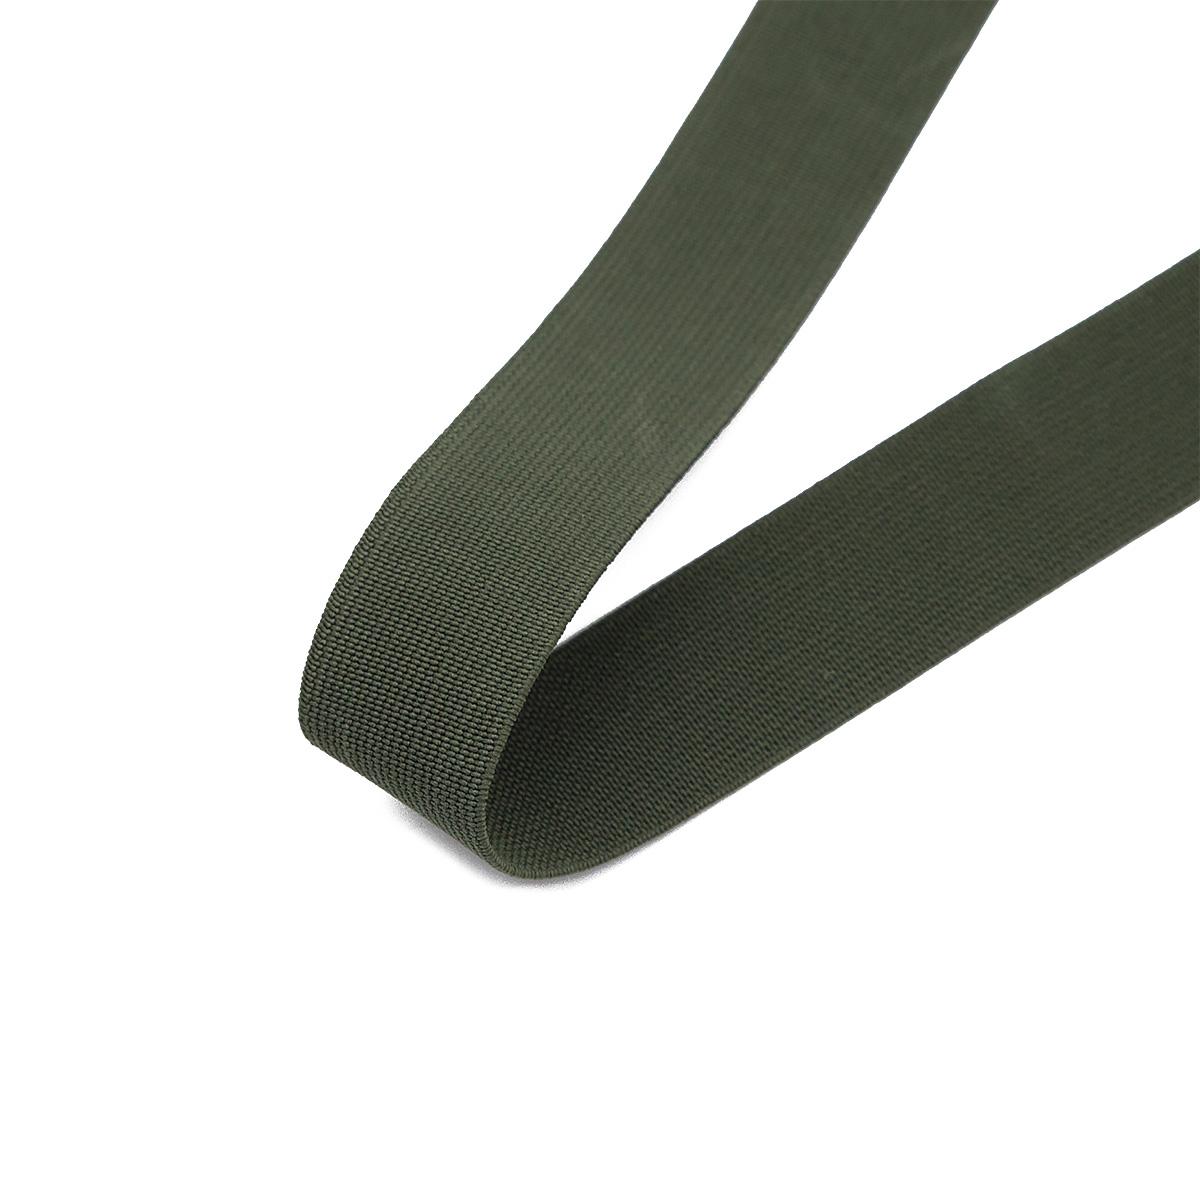 15-3848/9831 Резинка вязаная 25мм*25м оливка ГР